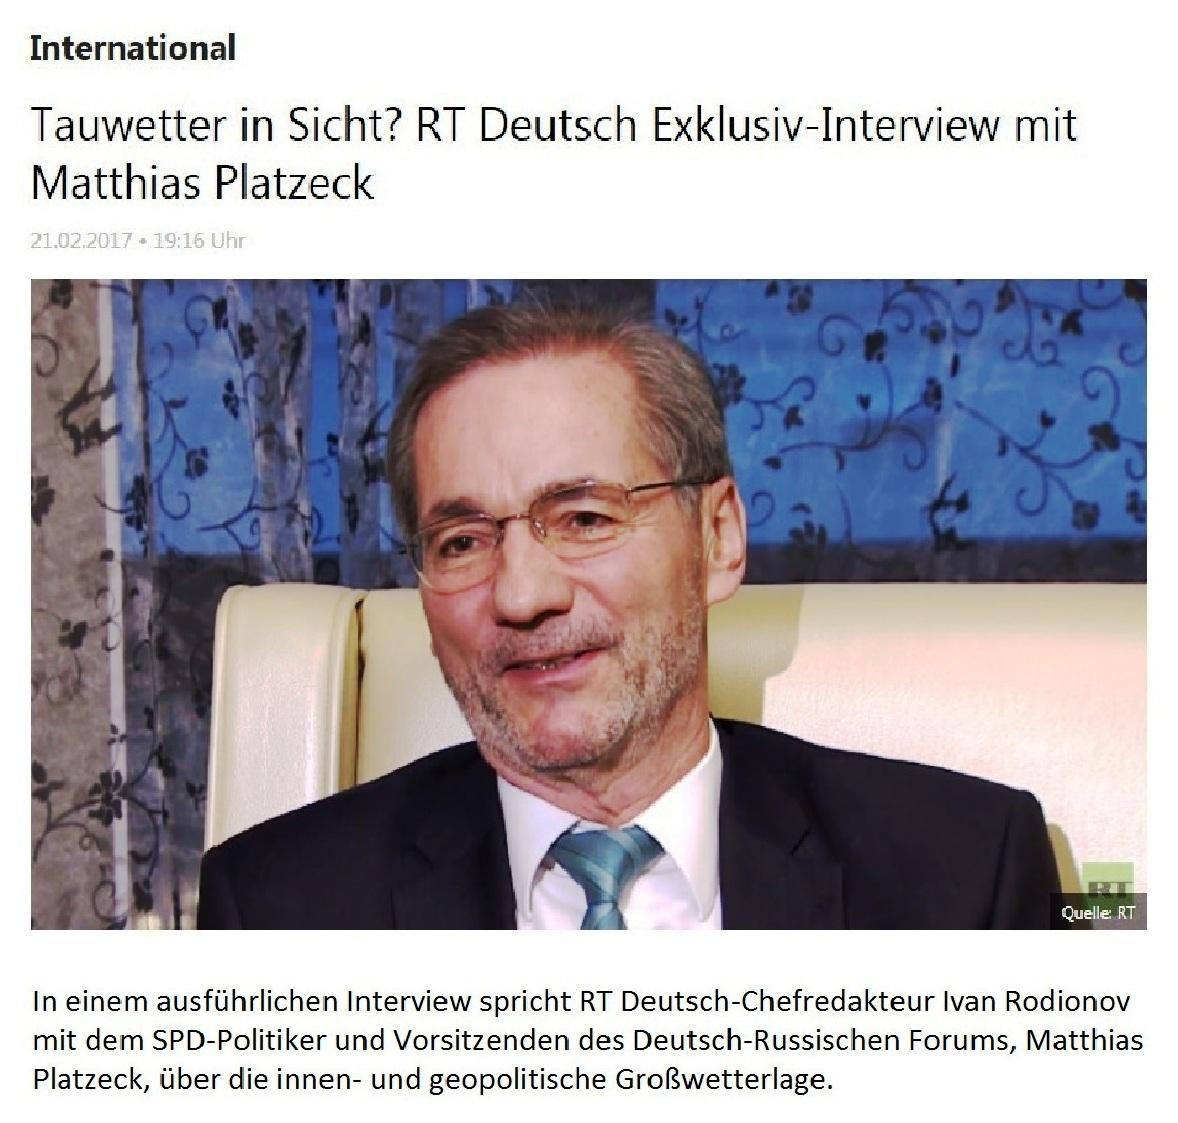 Tauwetter in Sicht? RT Deutsch Exklusiv-Interview mit Matthias Platzeck